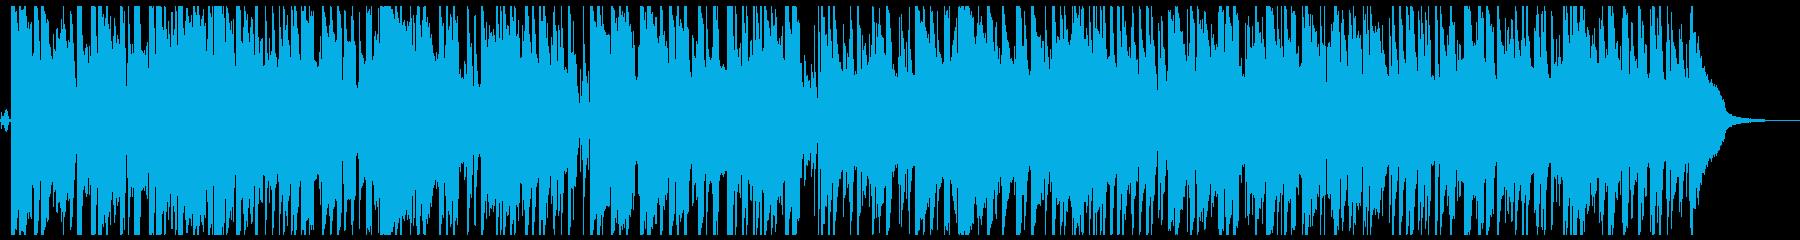 ハミングボーカルのある陽気でポジテ...の再生済みの波形